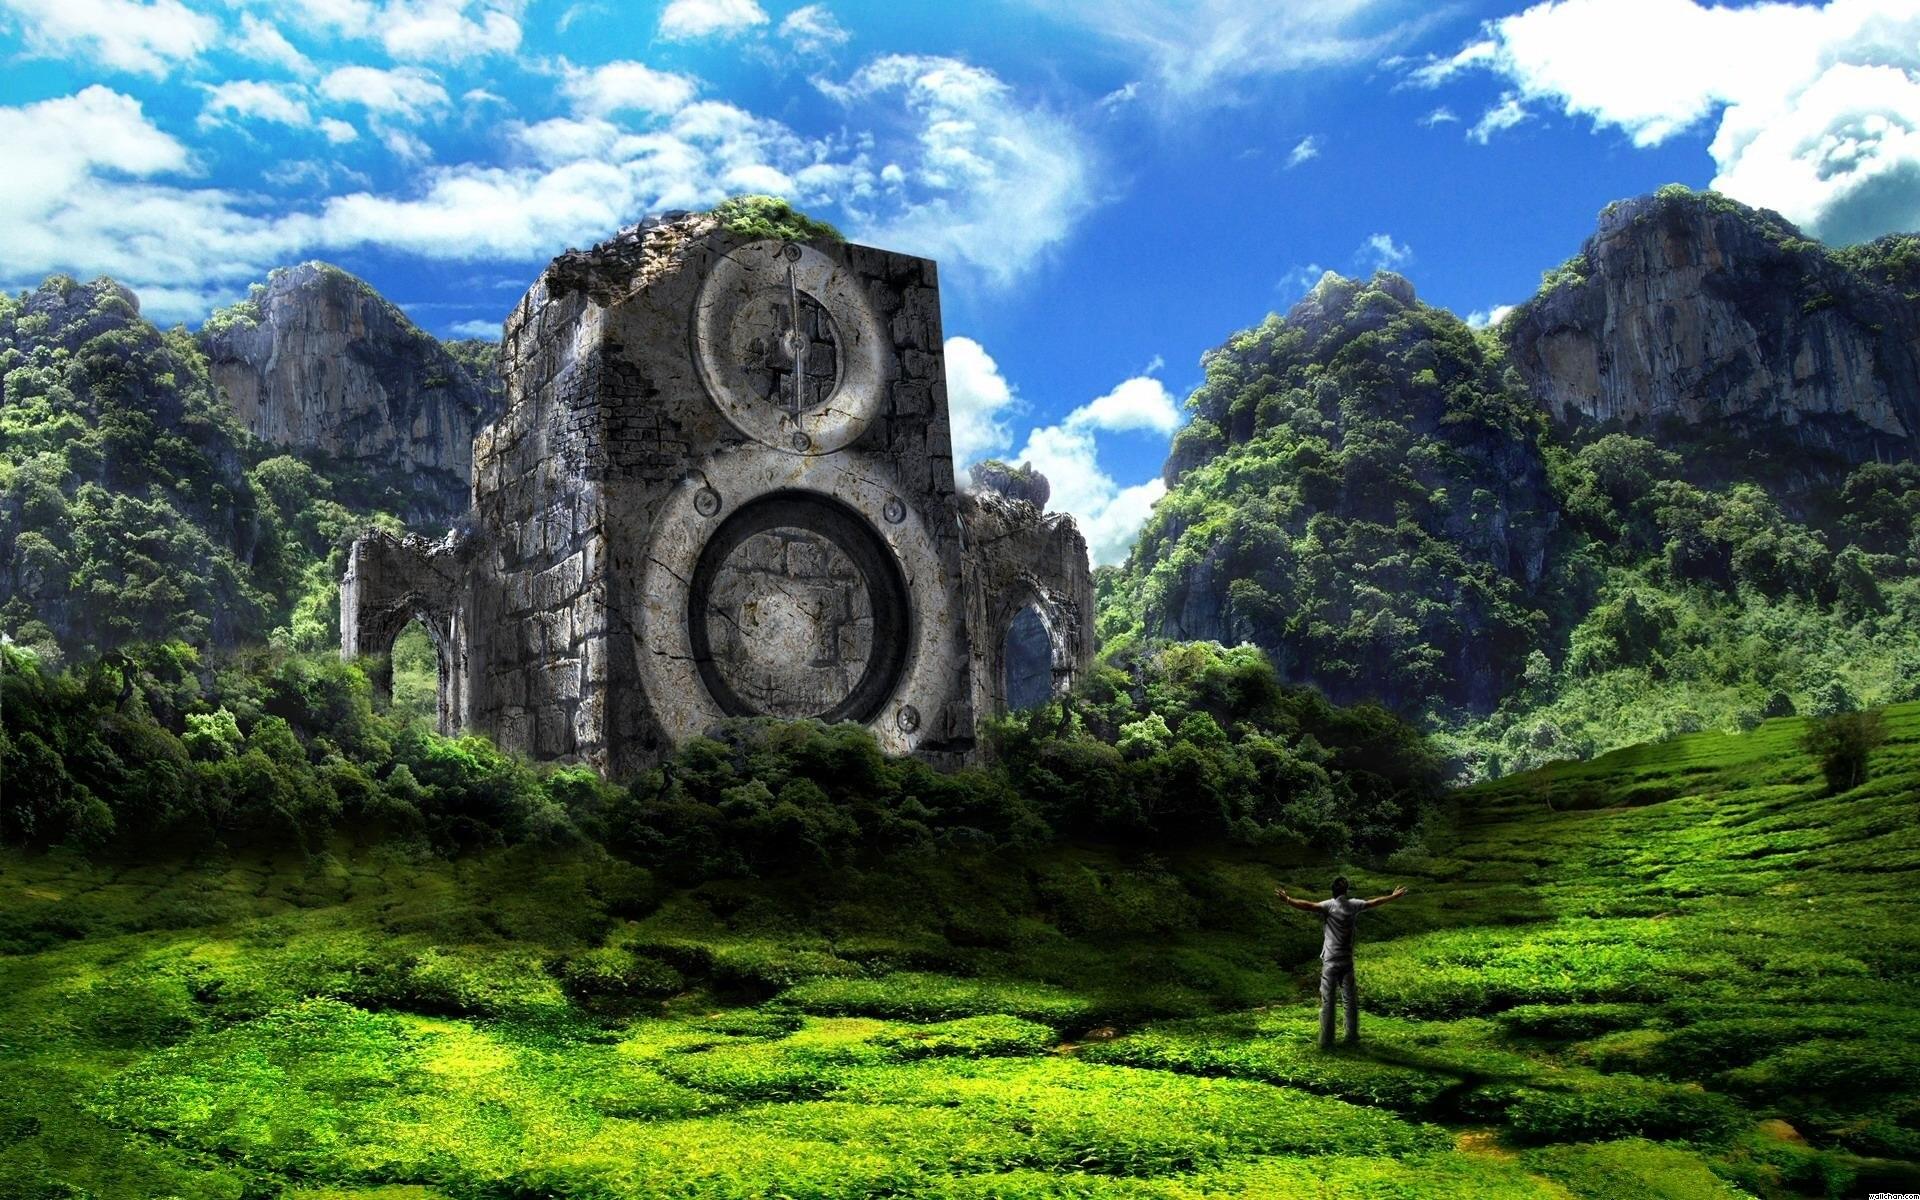 justpict.com Unique Landscape Desktop Wallpaper